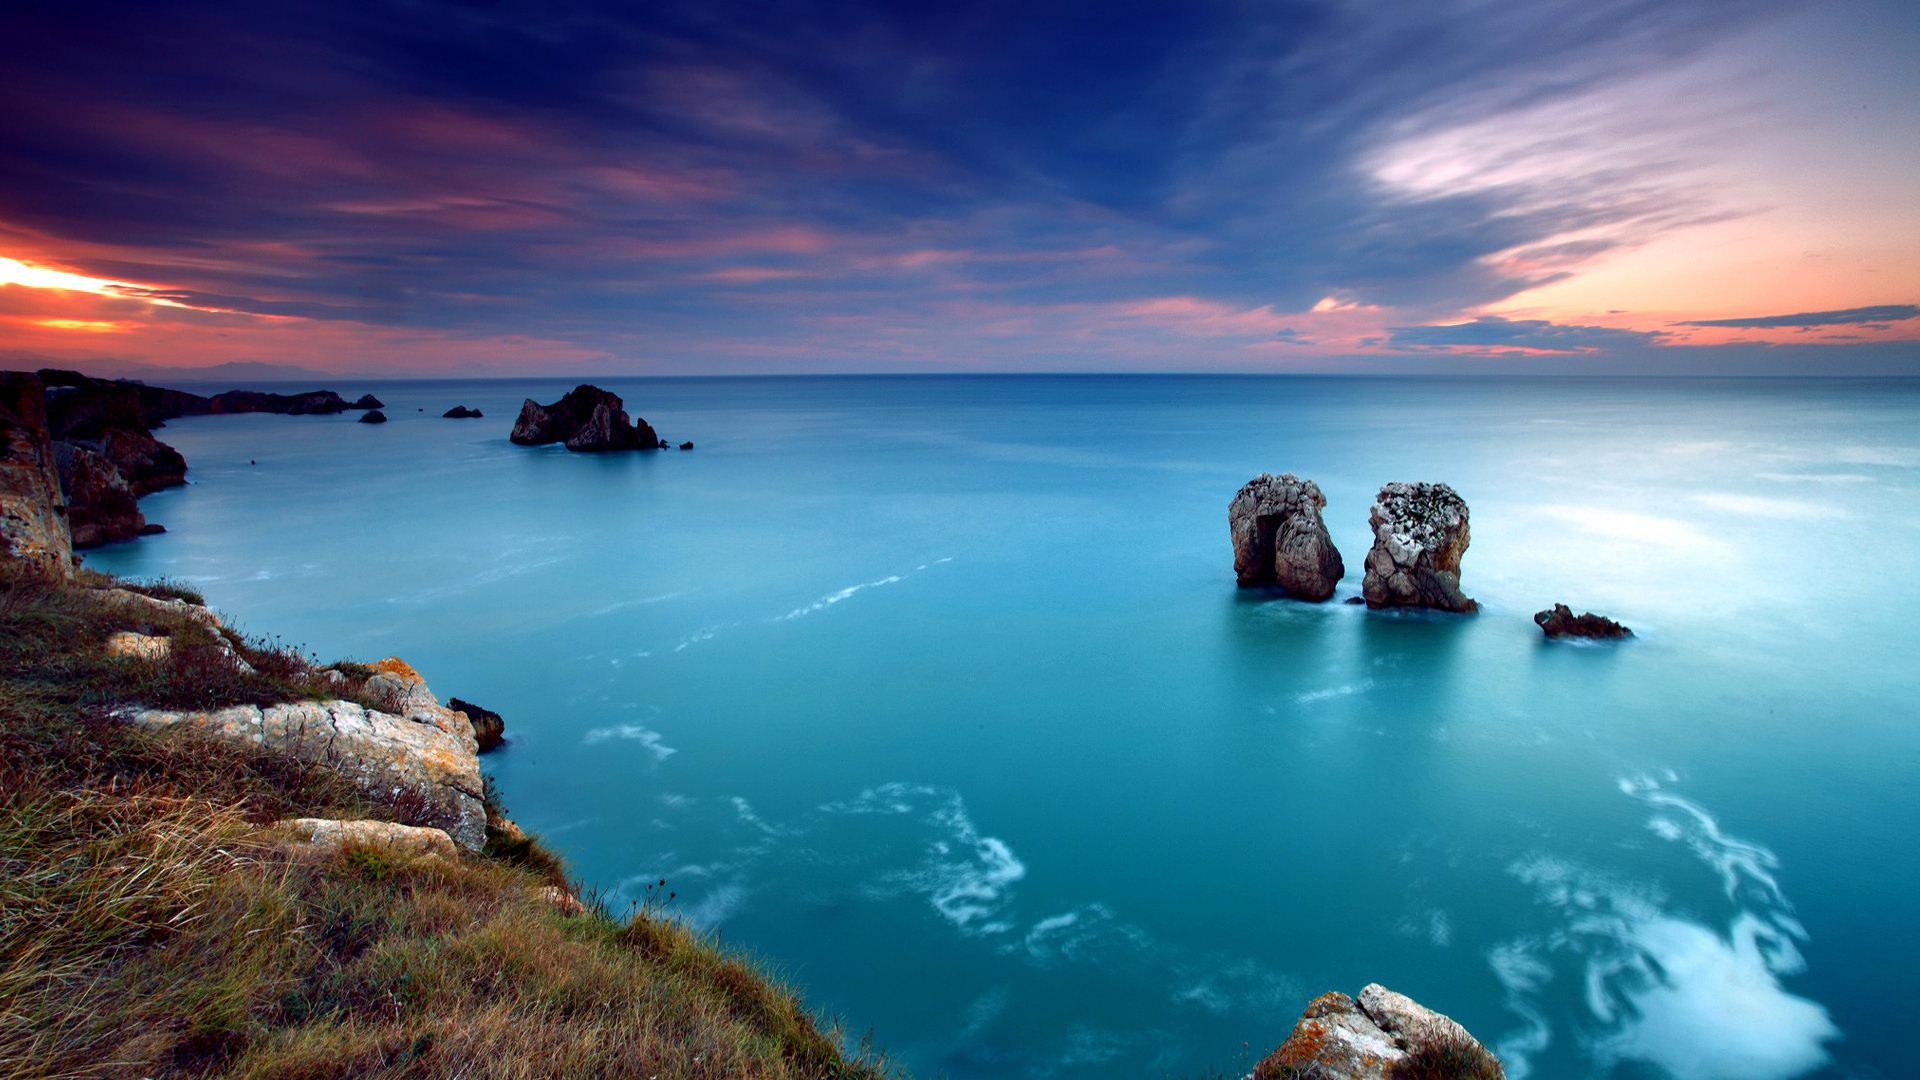 Awesome Landscape Wallpaper1920 1080 Ocean Hd 155532